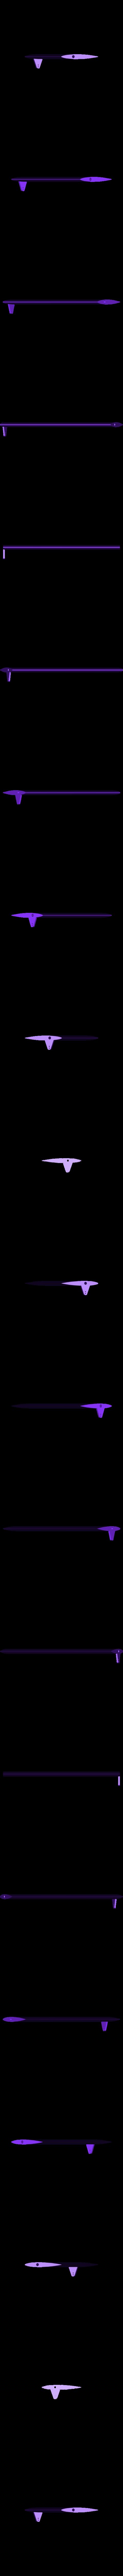 elevon_base_4.55.stl Télécharger fichier STL gratuit Crazy Wild Ellipse Wing (expérimental) • Modèle imprimable en 3D, wersy